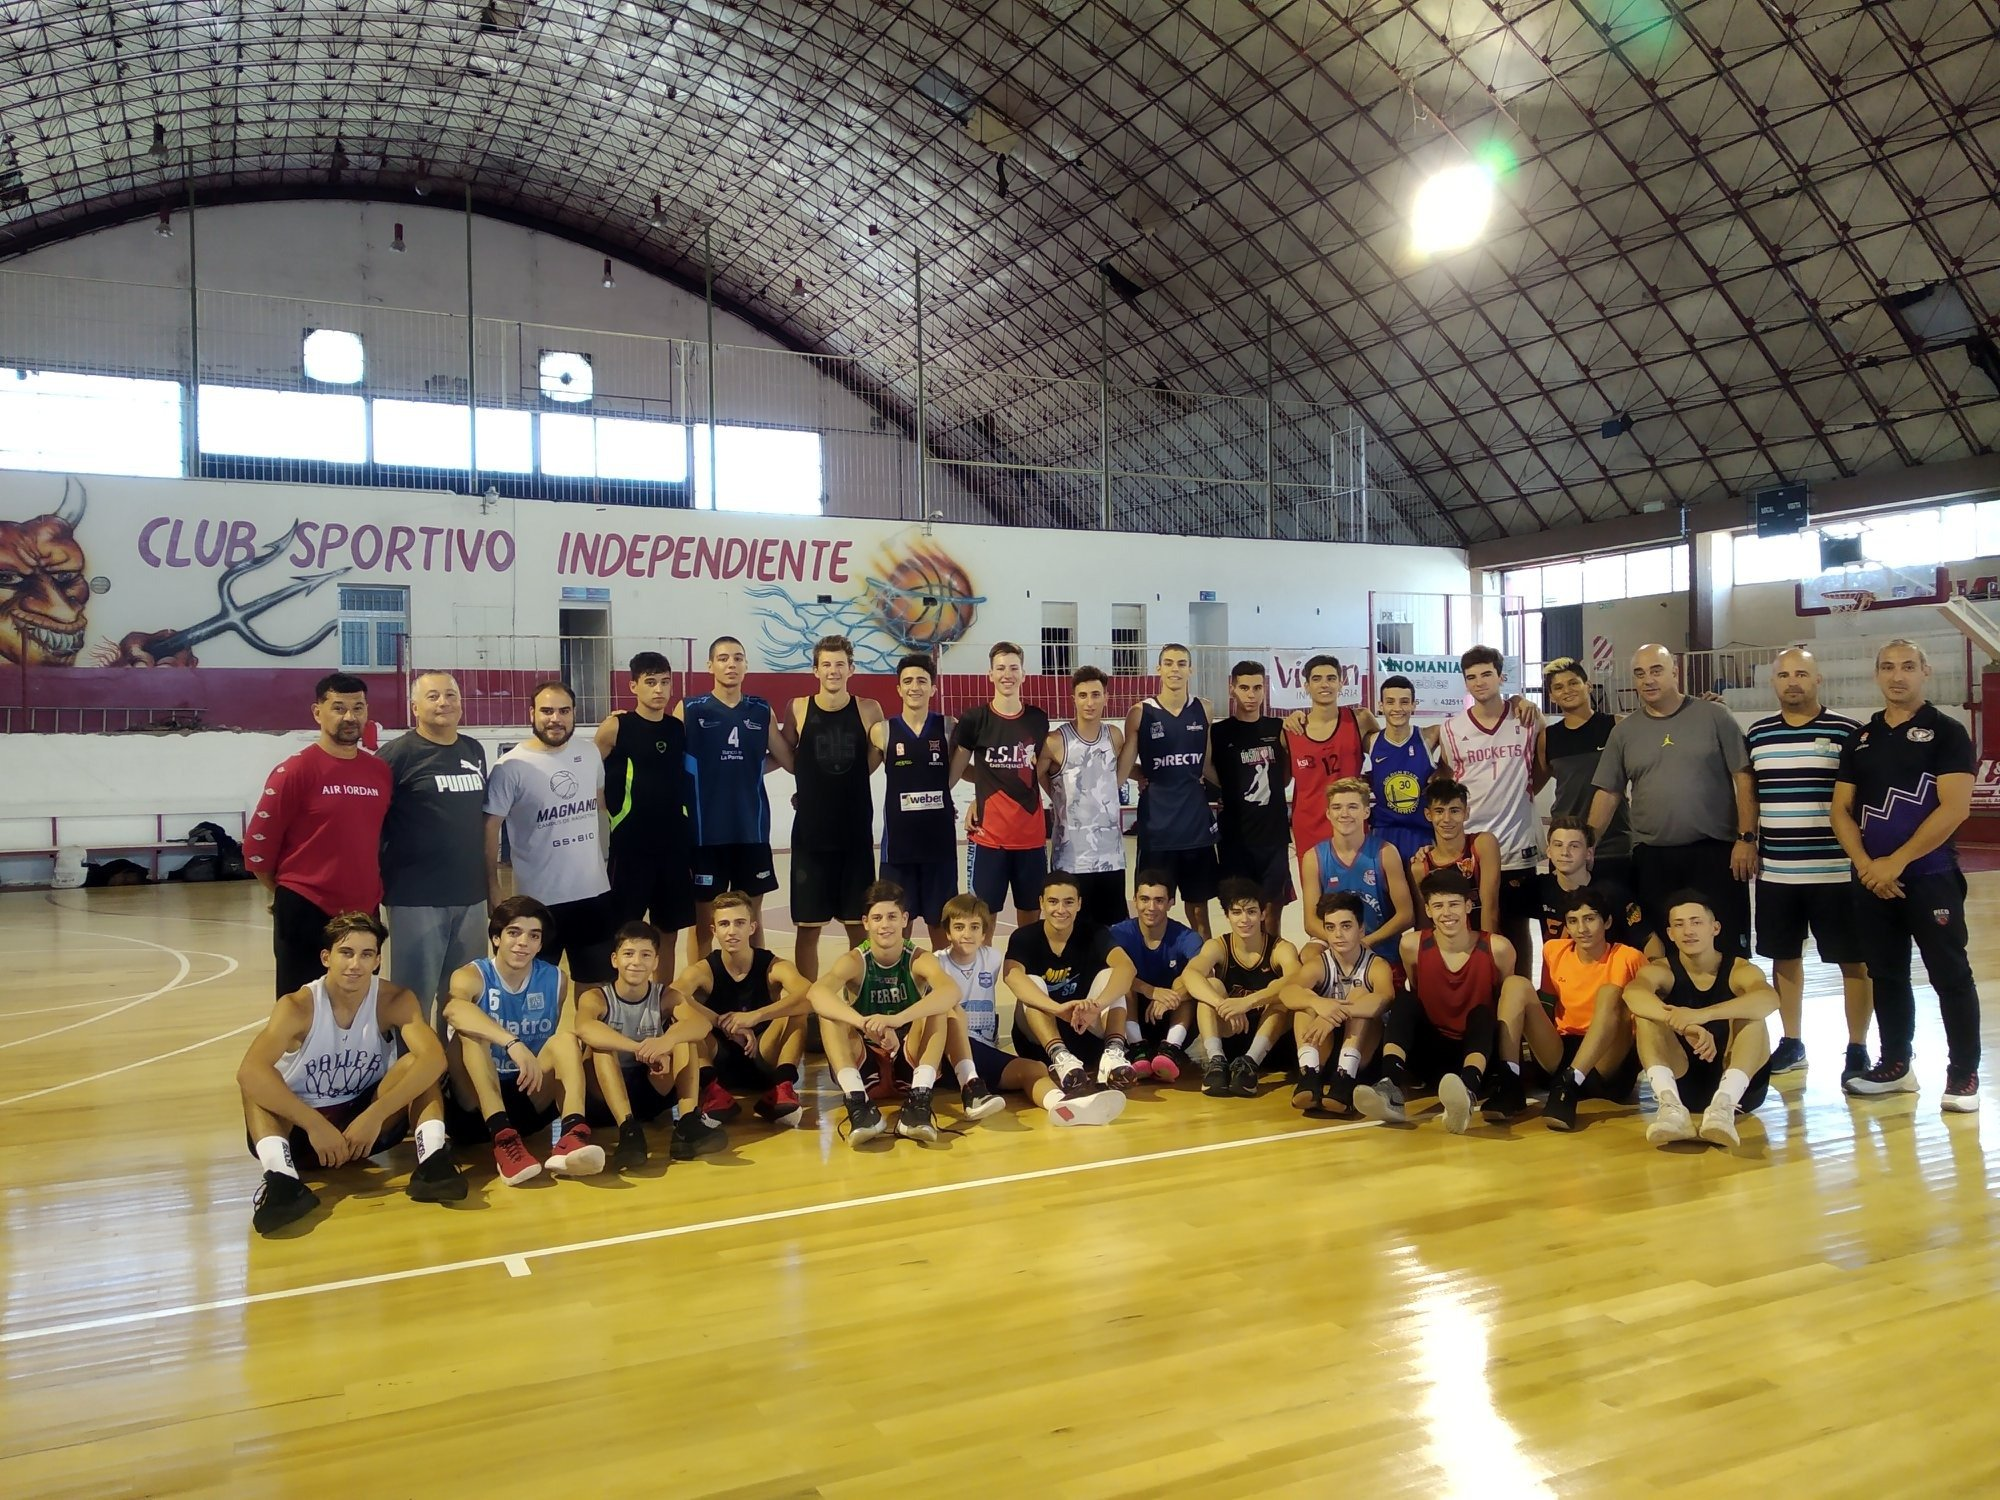 Comienza a trabajar el preseleccionado de básquet con miras a las competencias nacionales